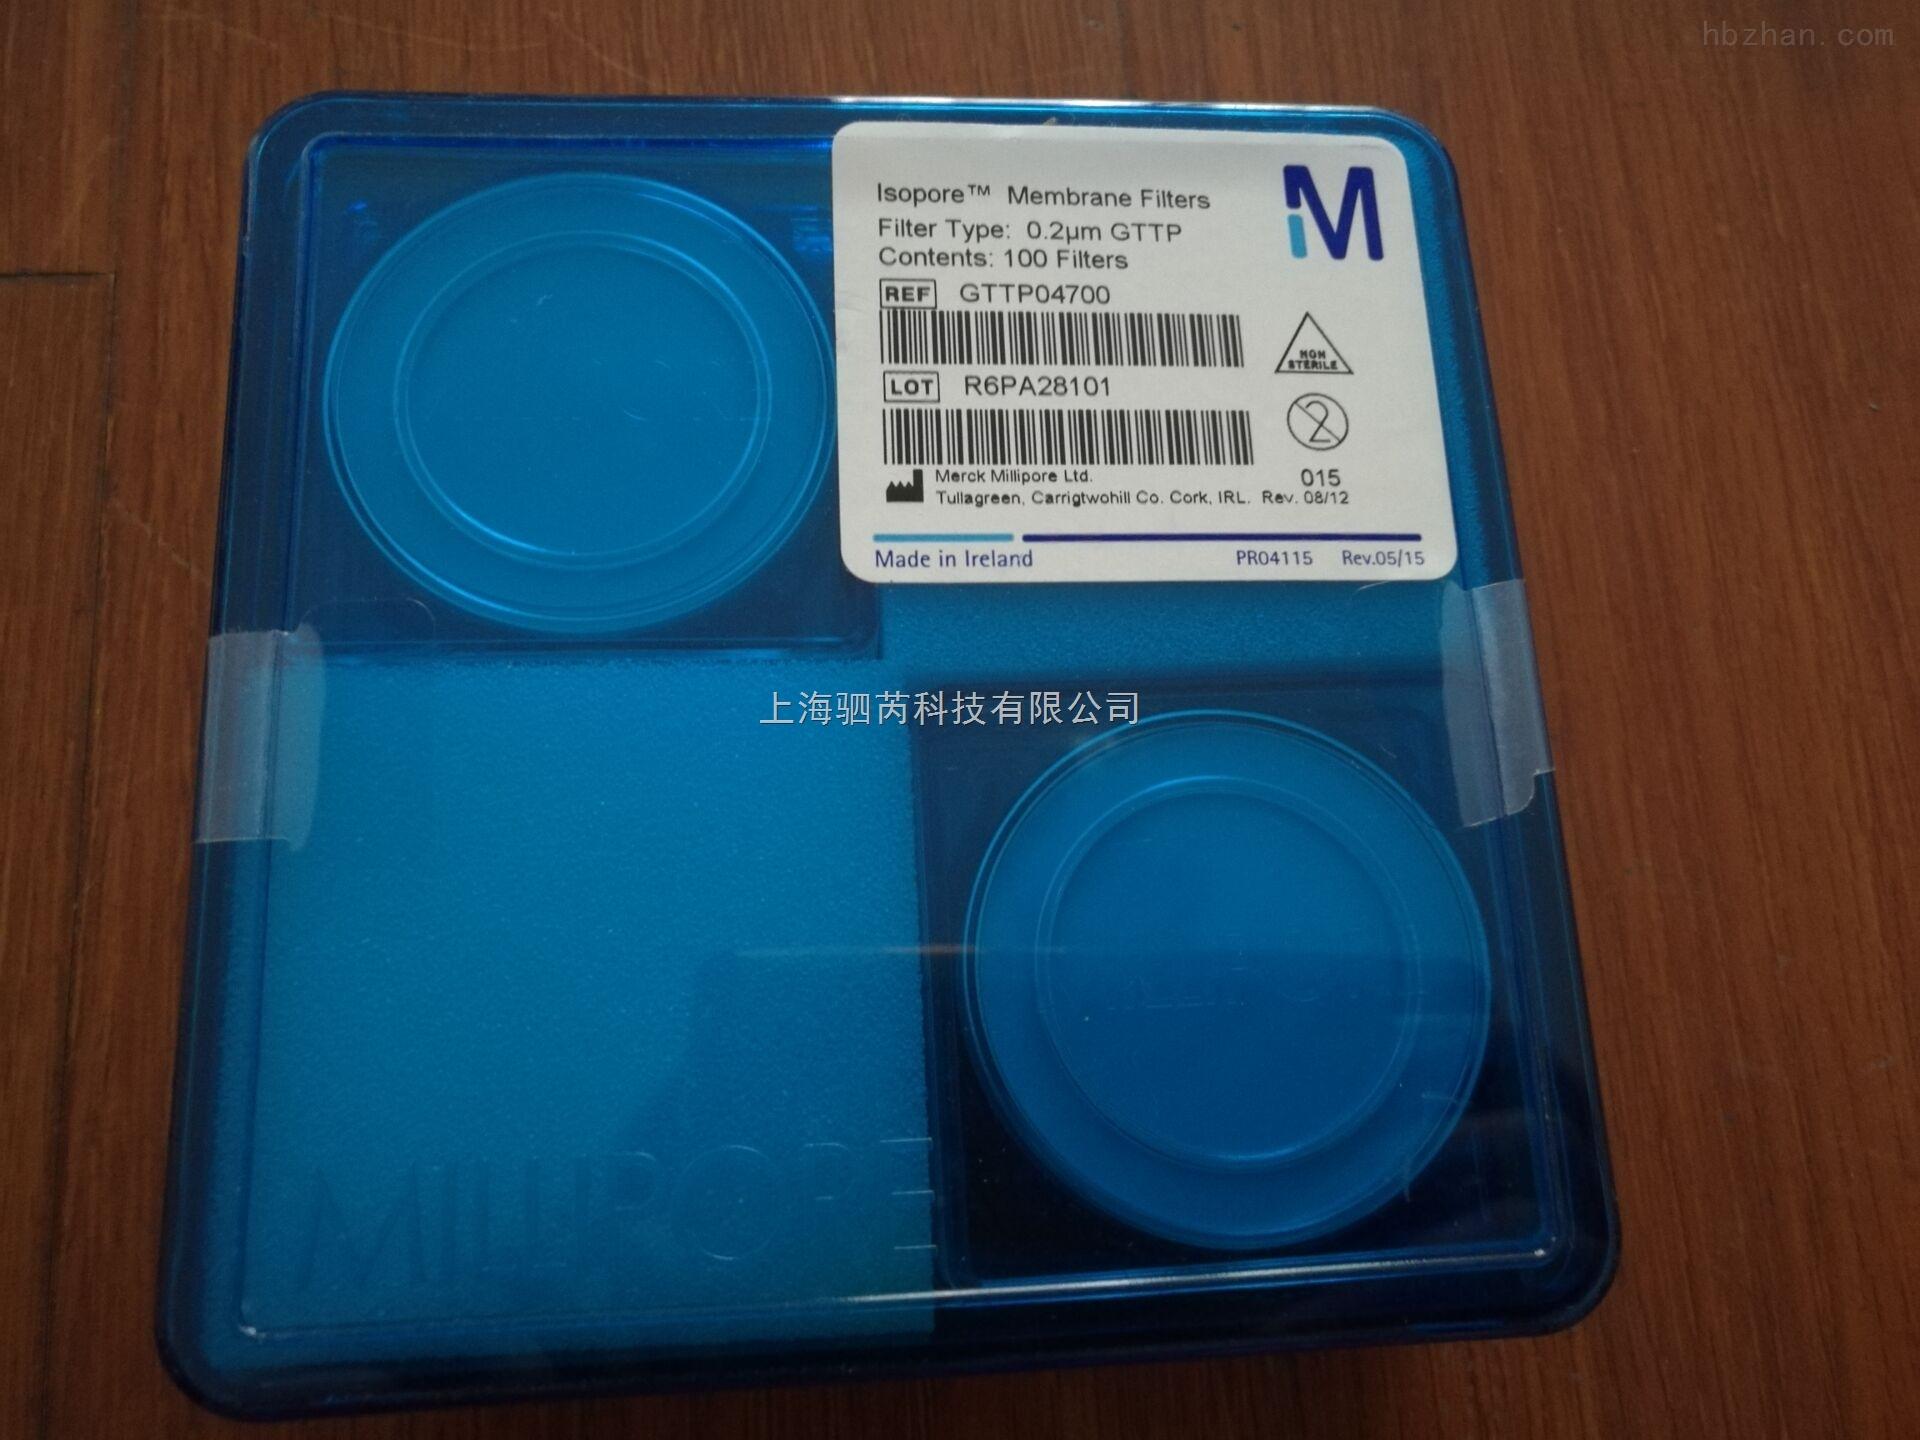 默克密理博Isopore表面滤膜PC过滤膜2um孔径25mm直径